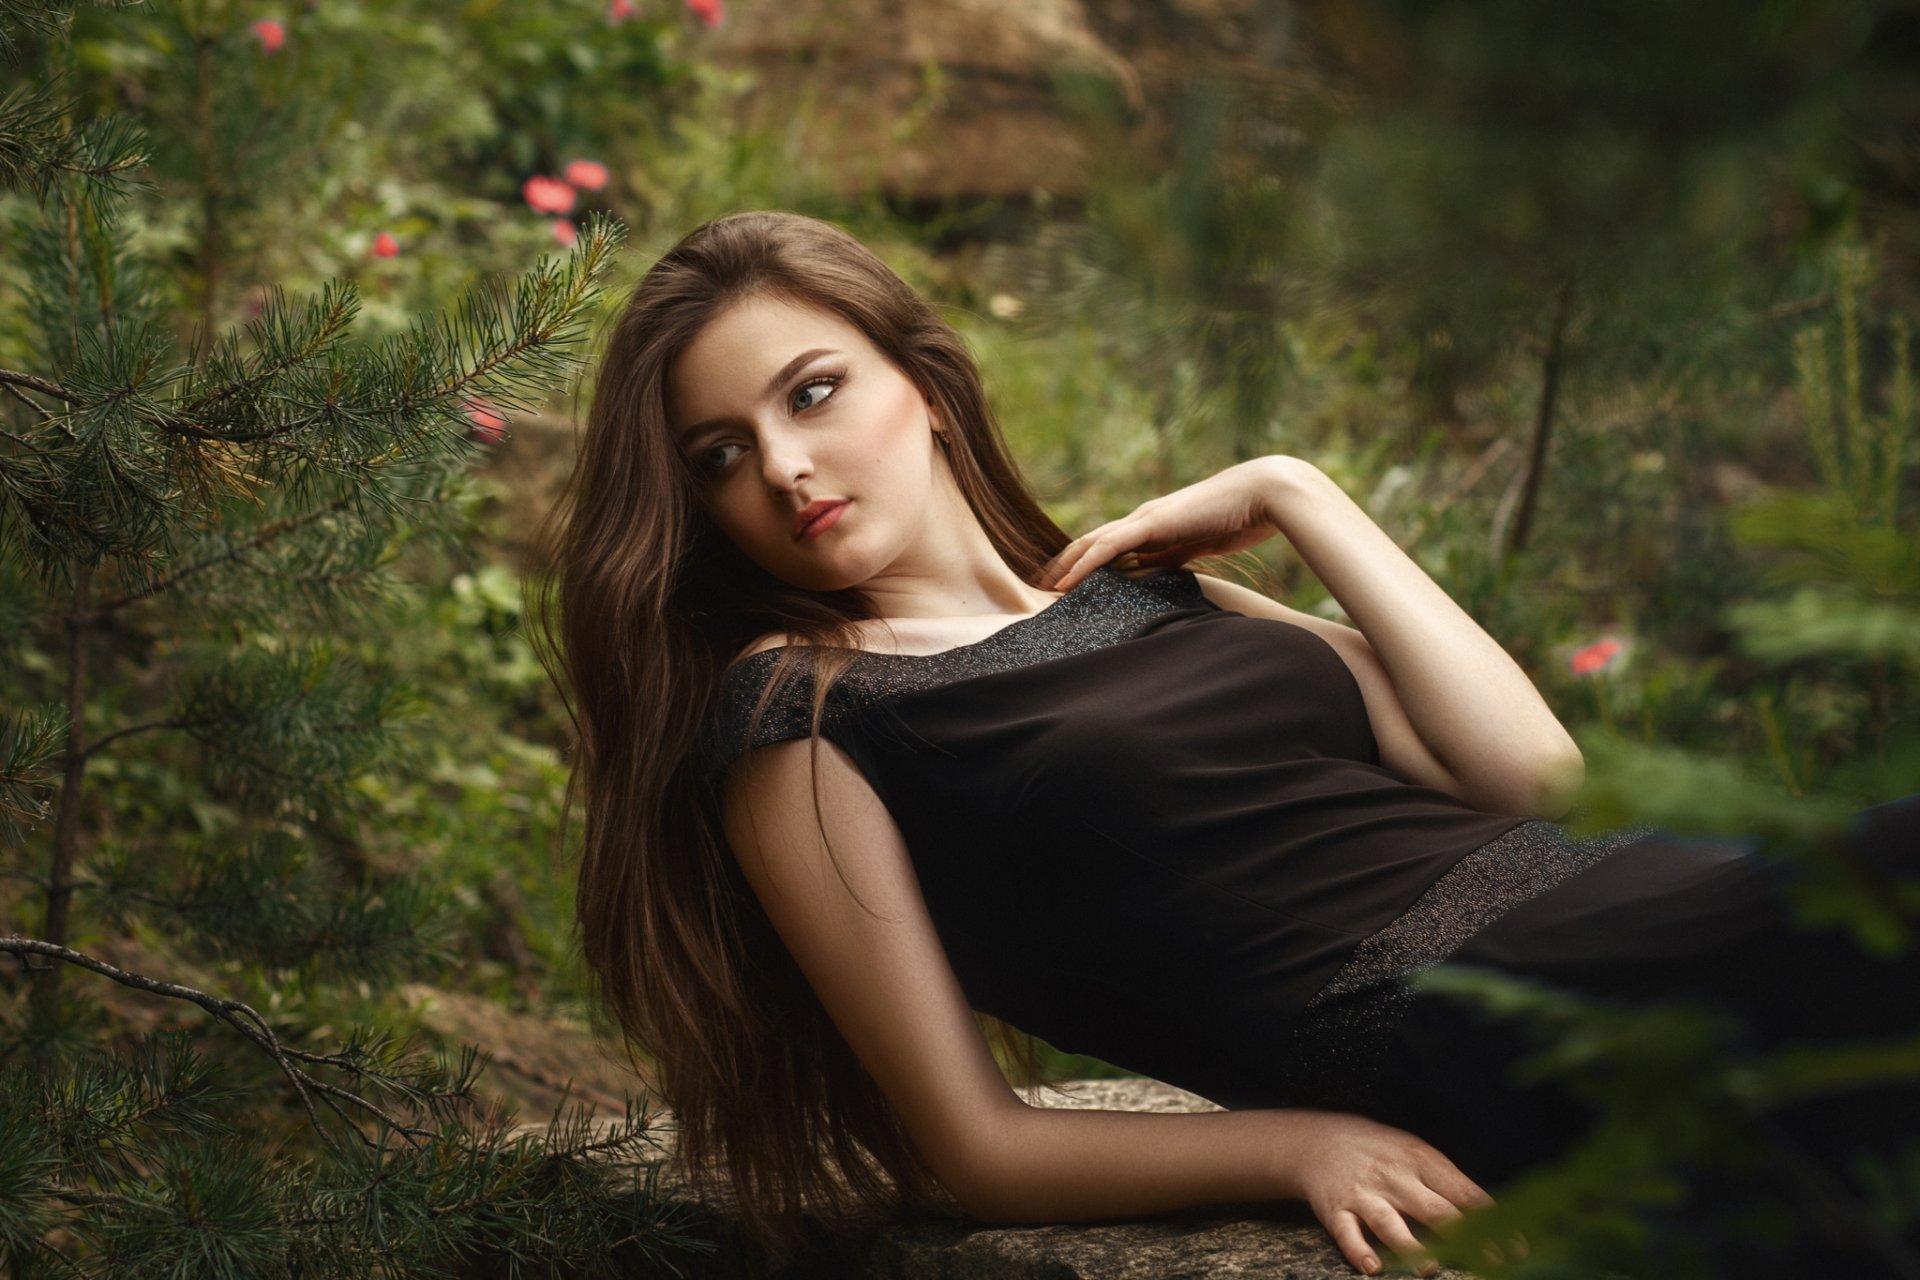 Women - Model  Dress Black Dress Brunette Bokeh Russian Wallpaper